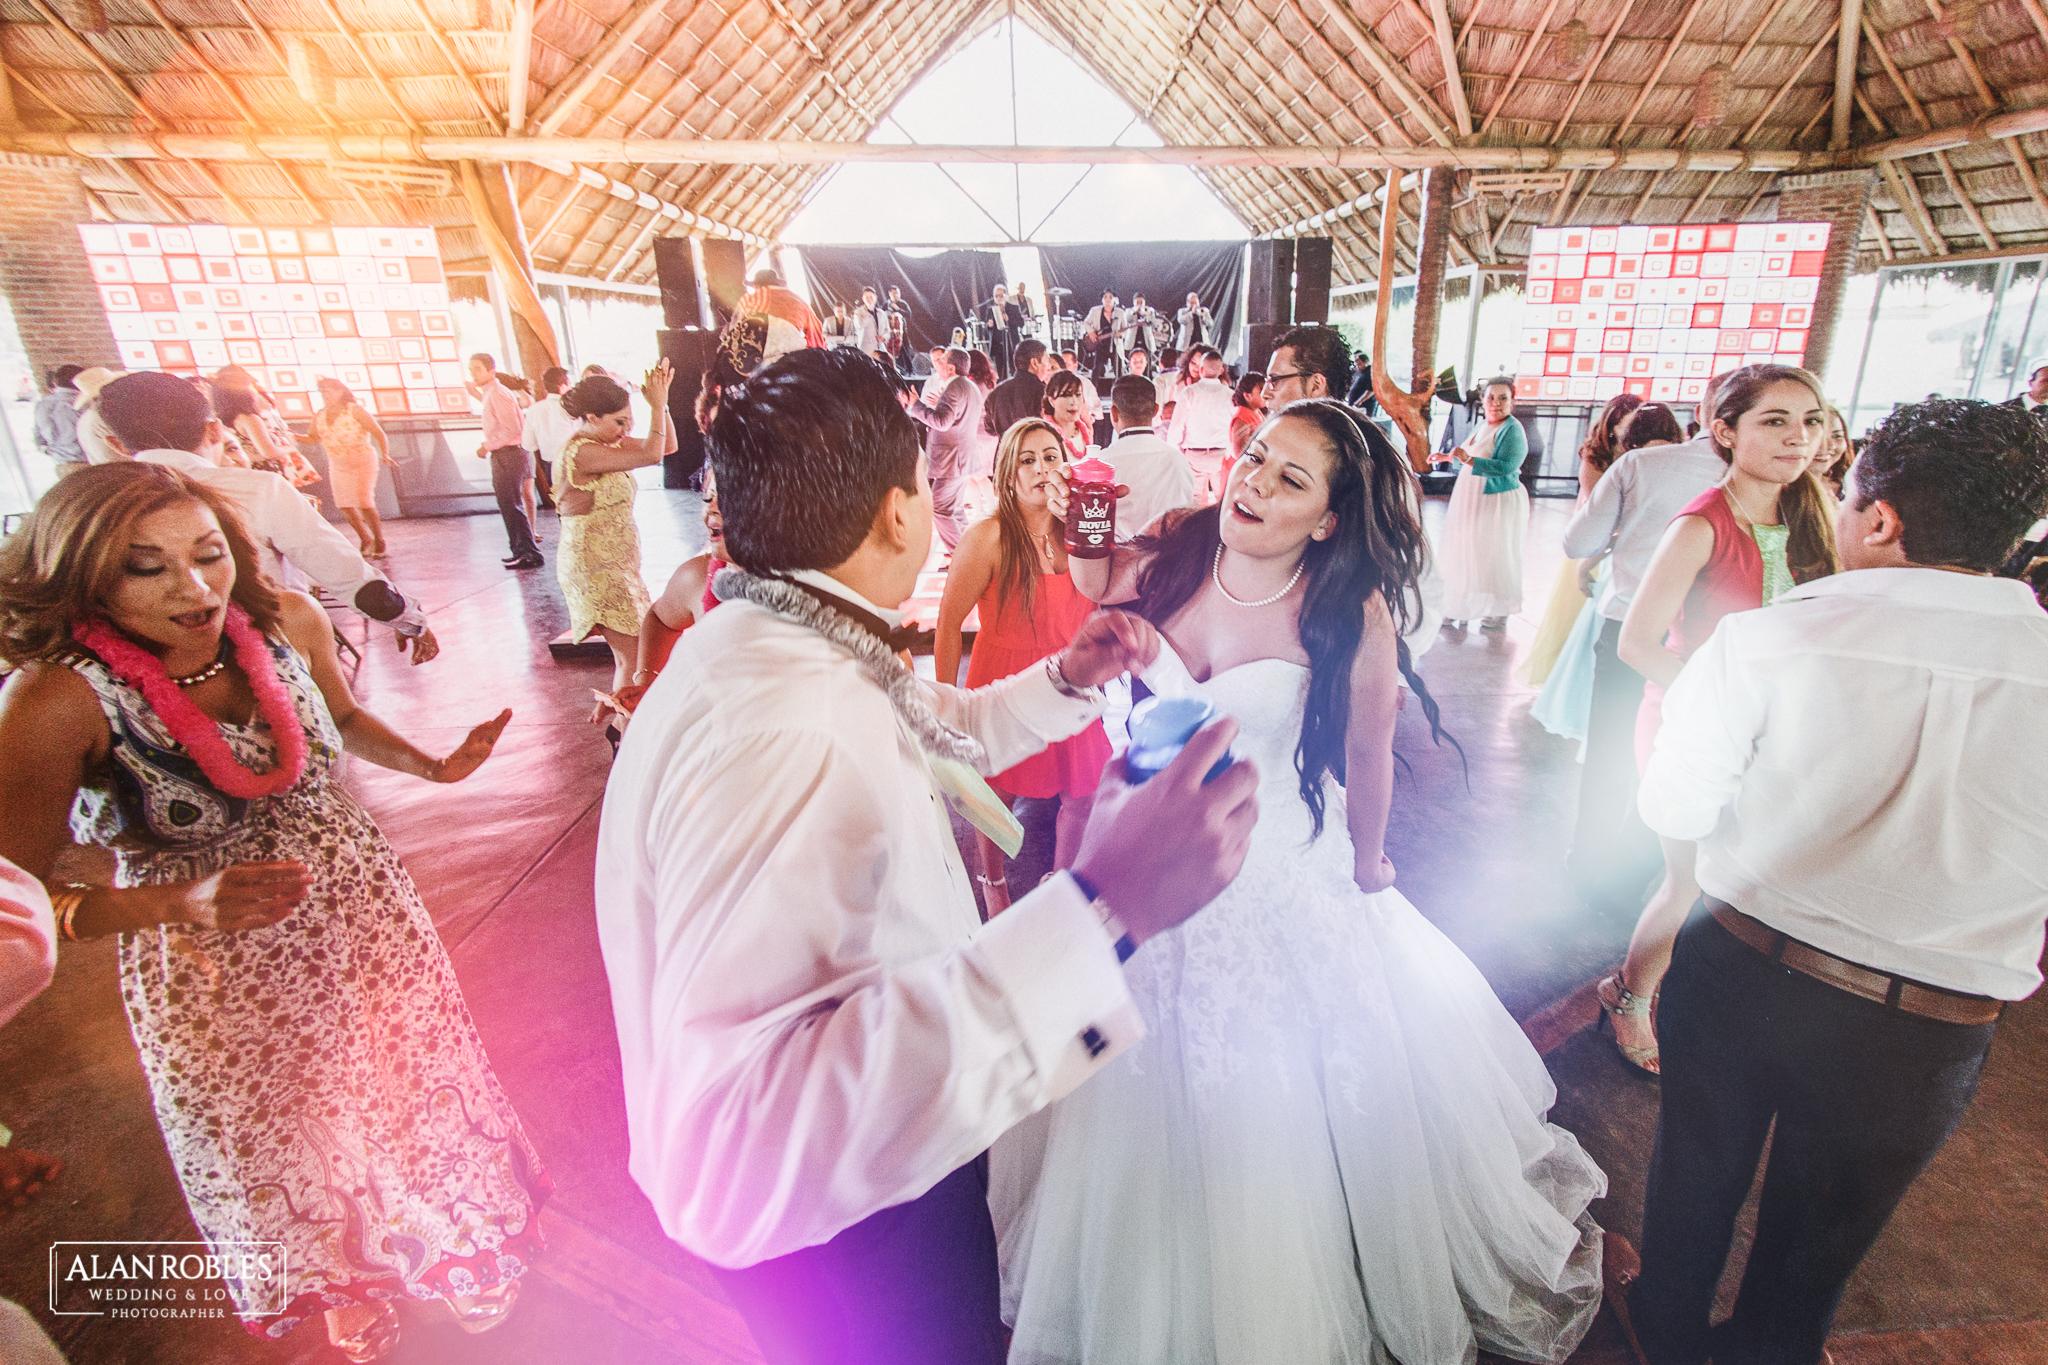 Novios Bailando en Fiesta de boda en Hacienda Los Pozos.El mejor fotografo de Bodas Alan Robles.